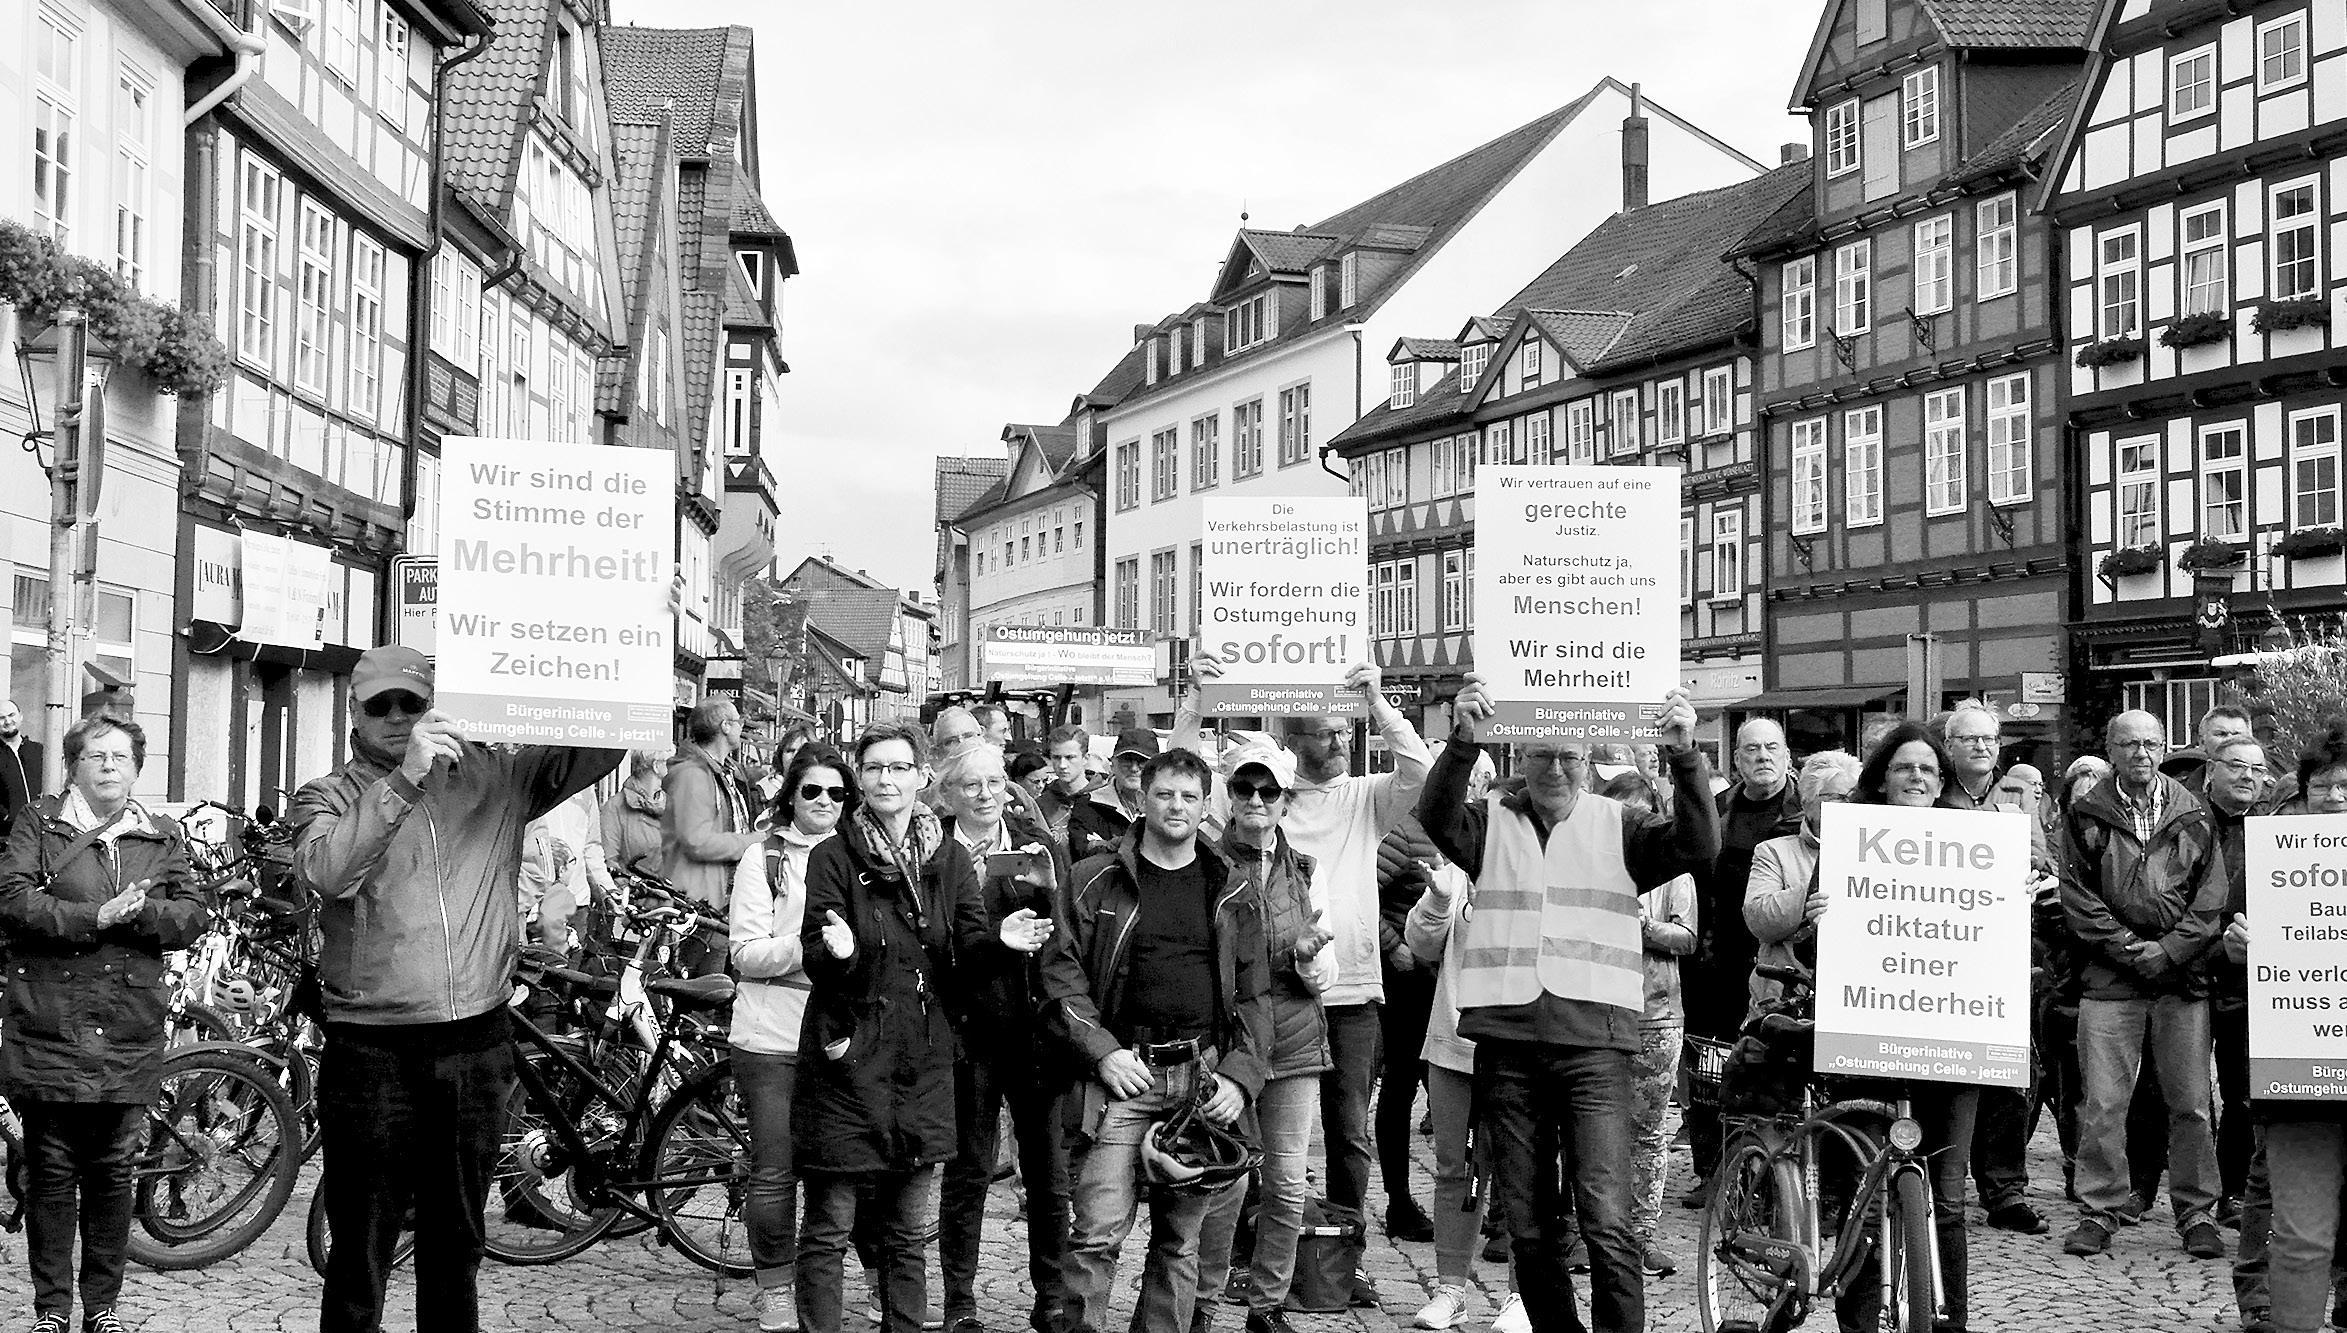 Über 450 Protestler trafen sich auf dem Großen Plan in Celle. Foto: privat